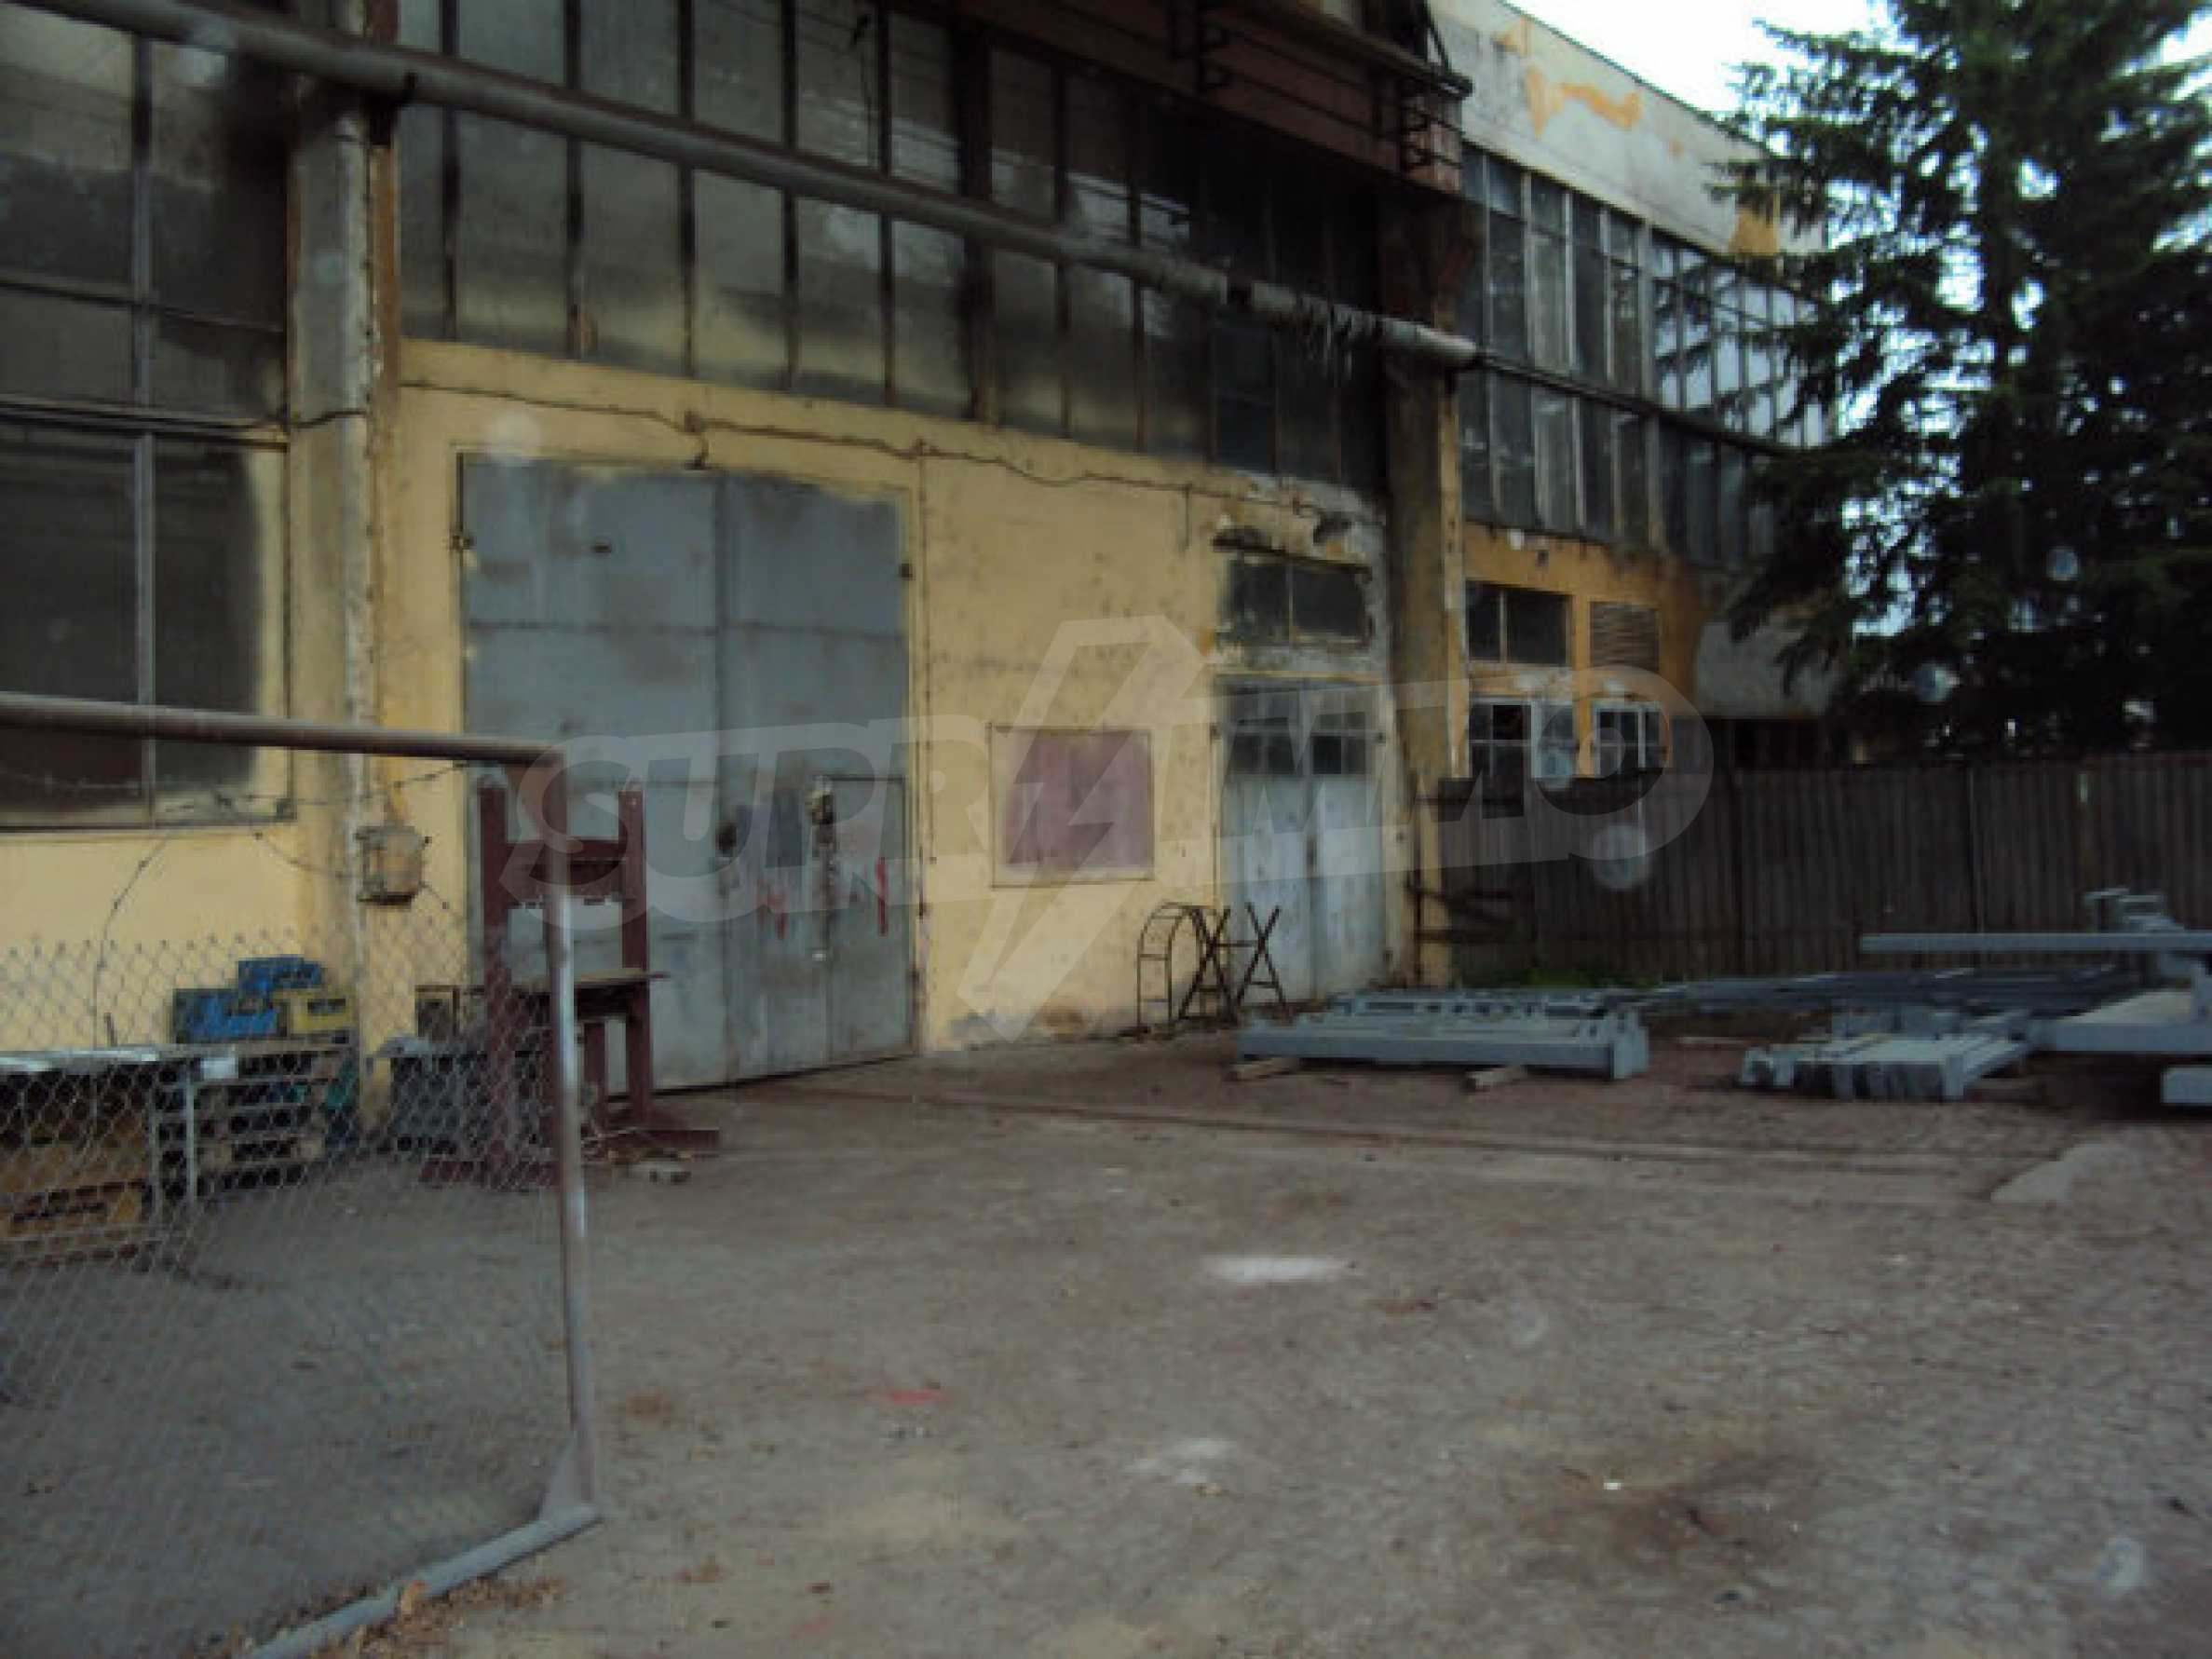 Factory for metal parts in Veliko Tarnovo 62